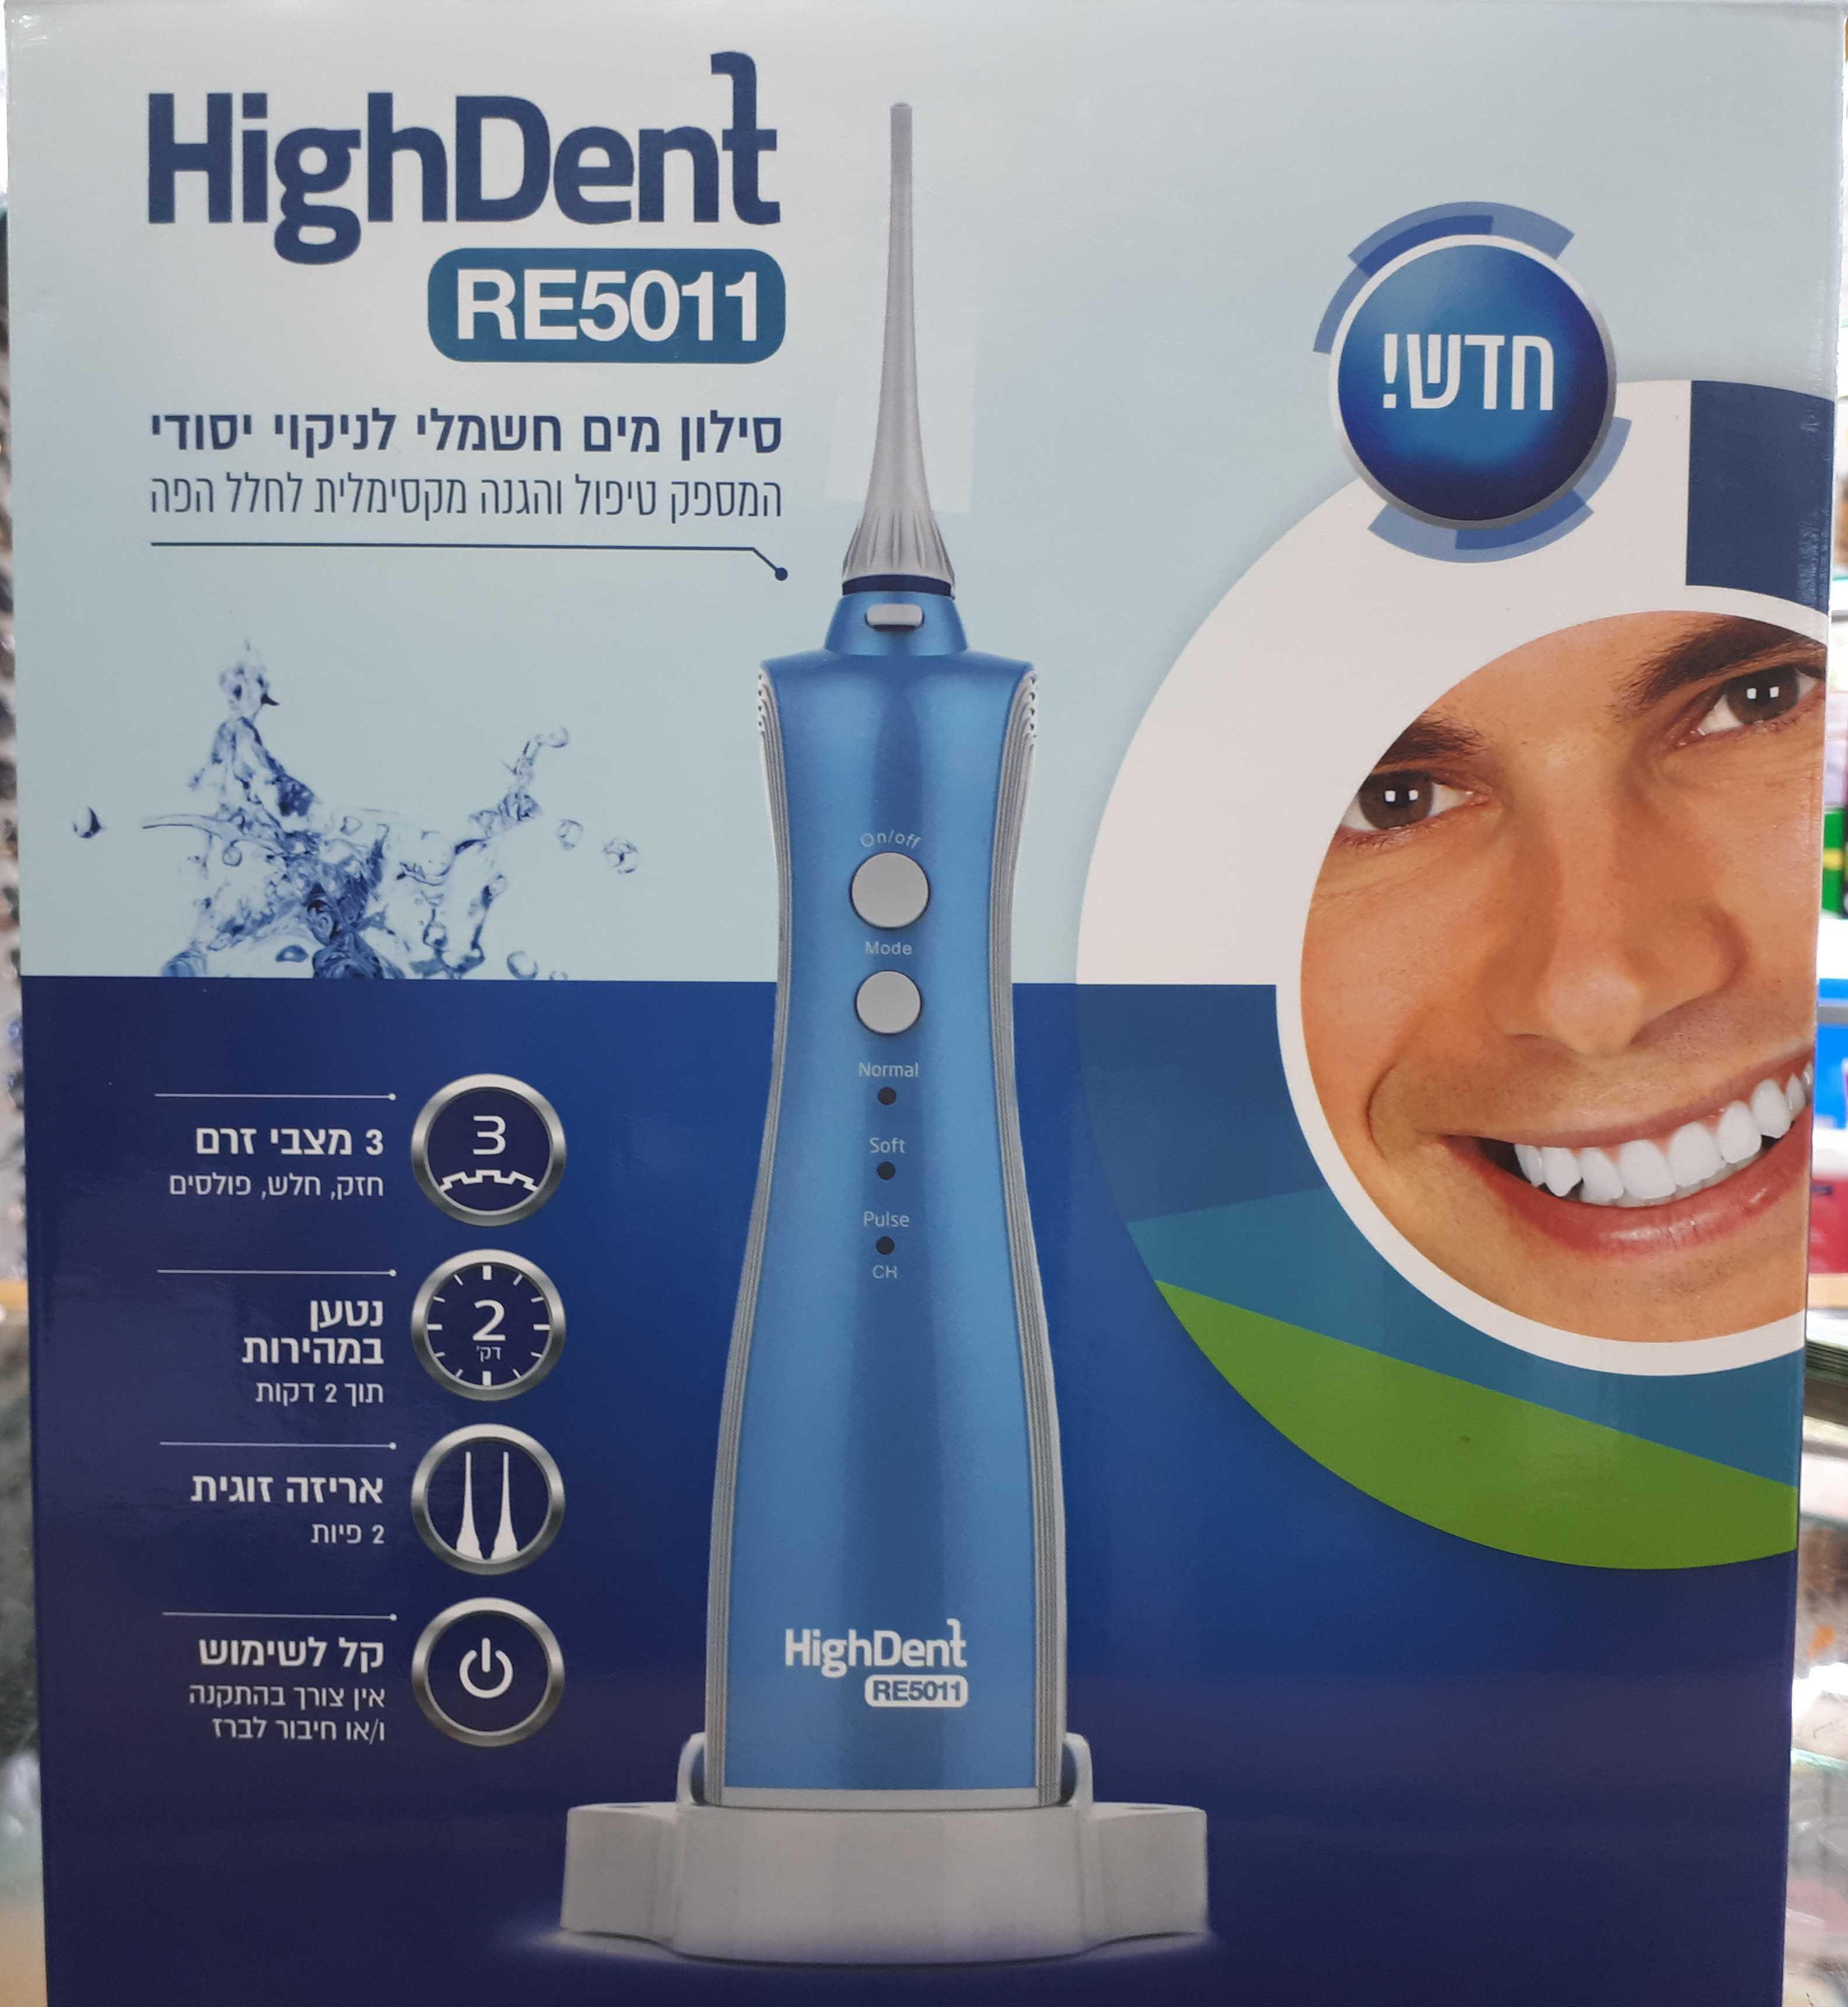 סילון מים חשמלי לניקוי יסודי היי דנט HIGH DENT